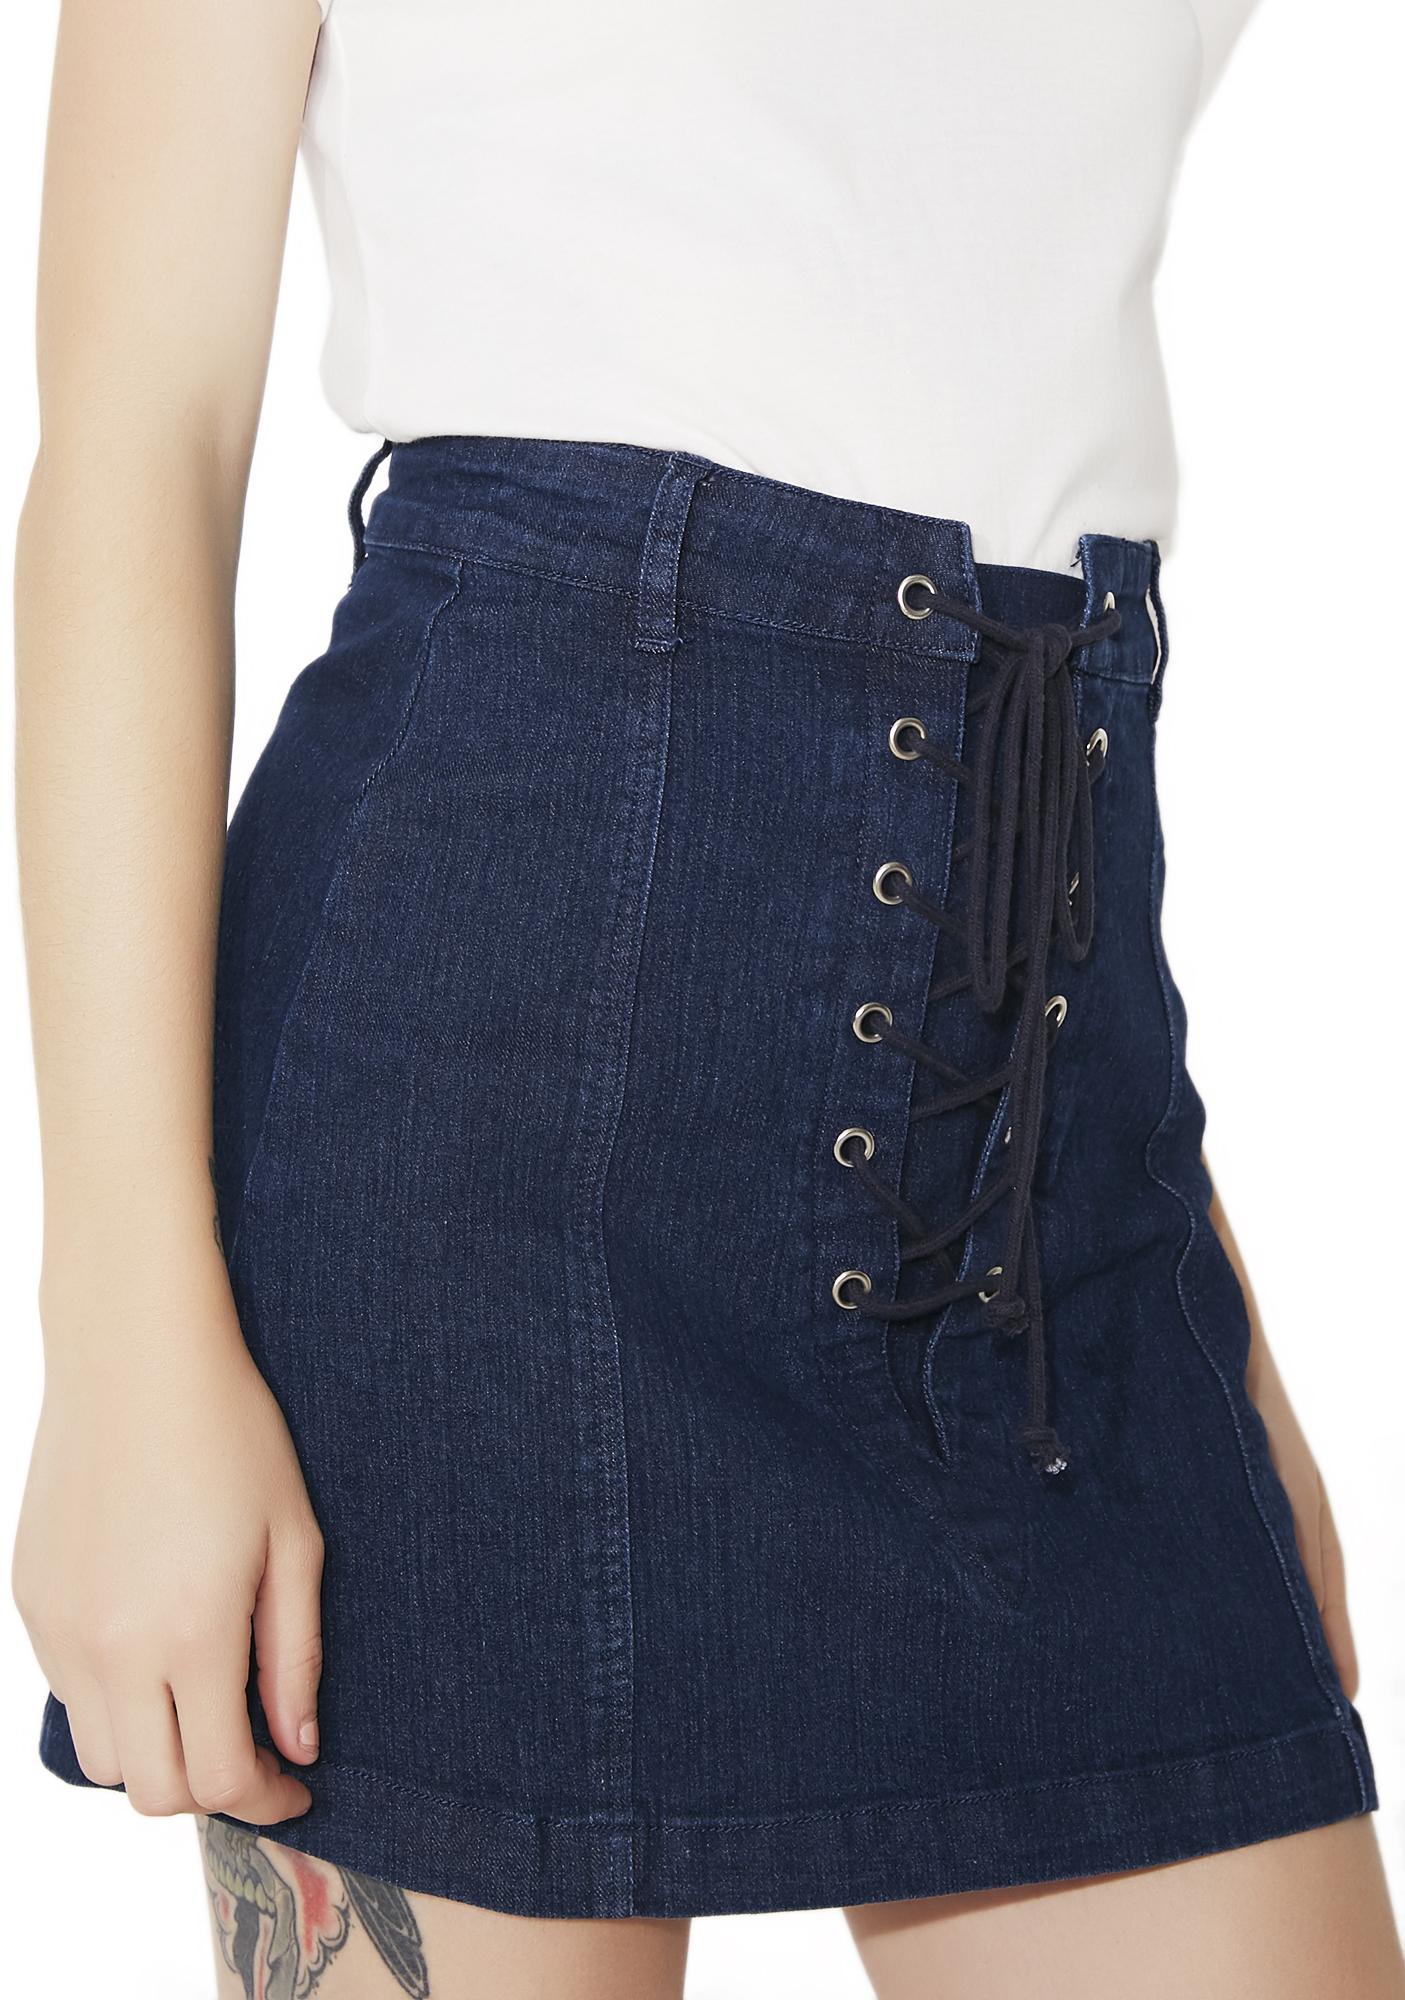 High Waist A-Line Lace-Up Denim Skirt Blue